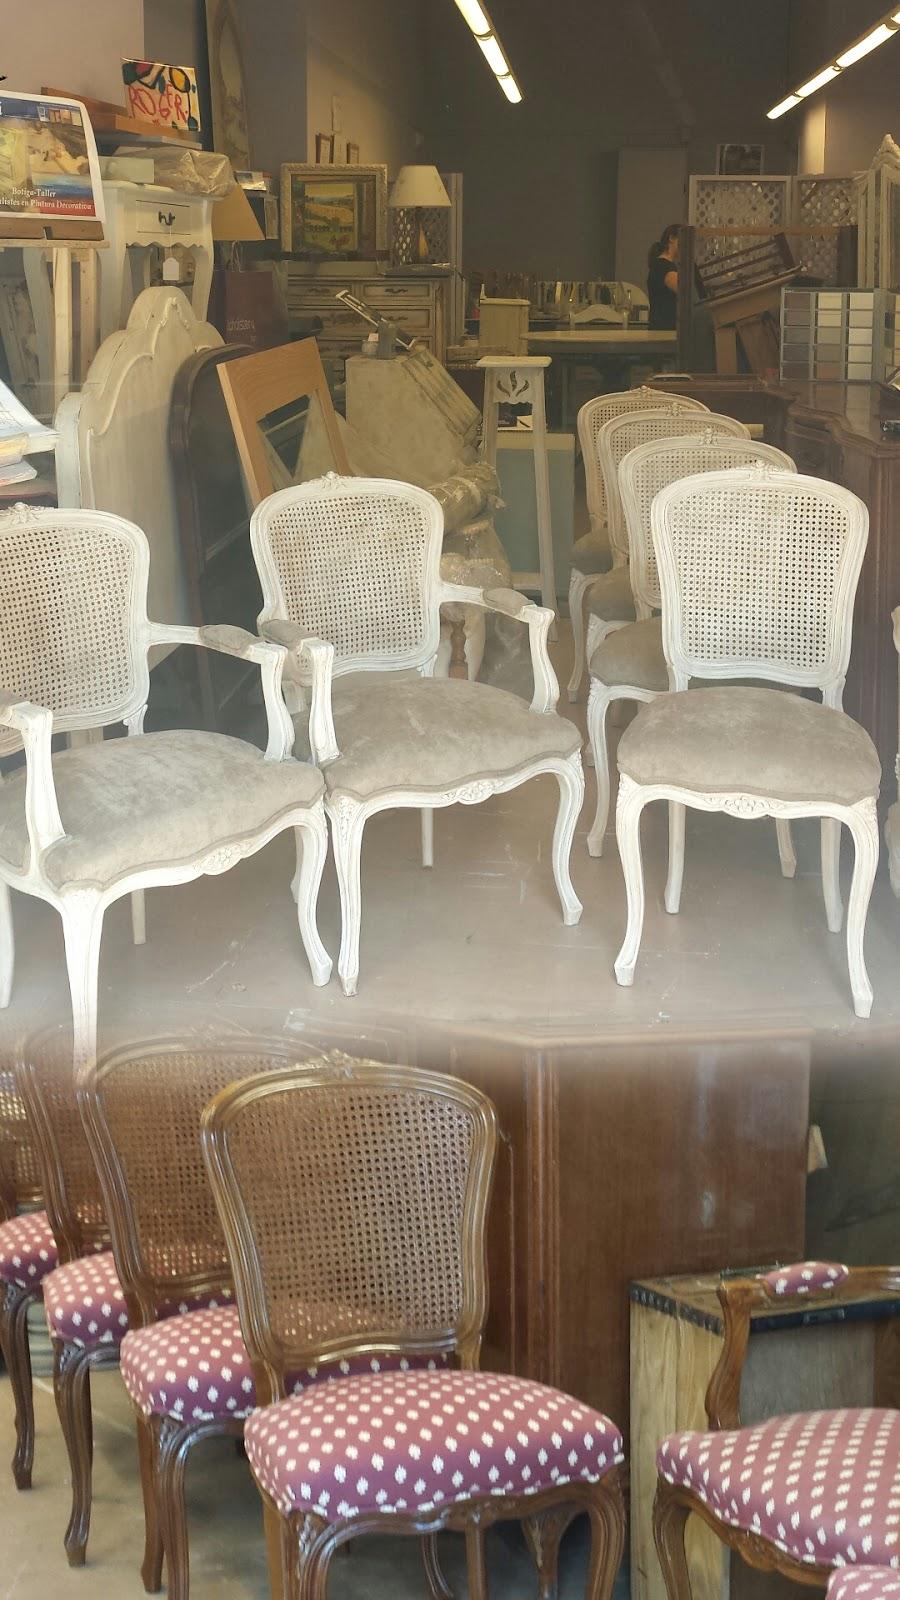 Candini muebles pintados nuevos y redecorados aires renovados o muebles blancos decapados - Muebles decapados ...